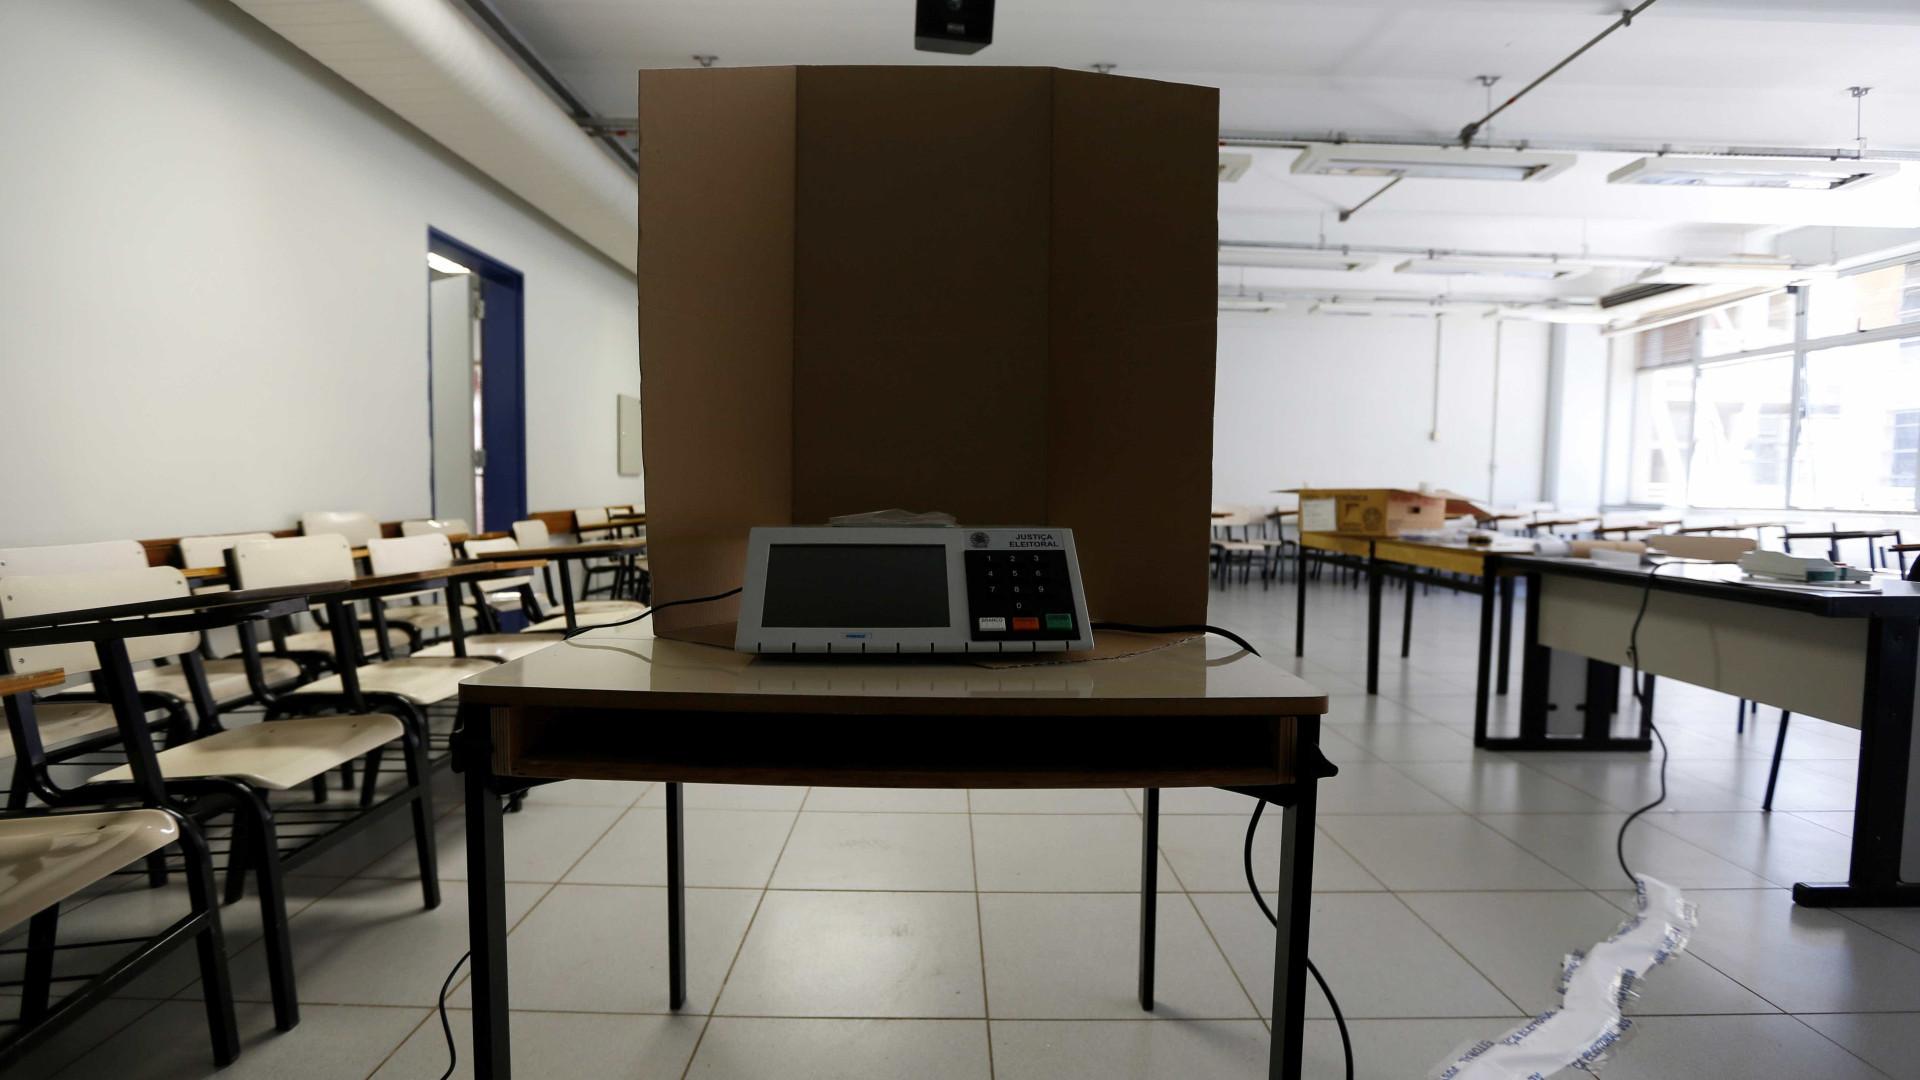 Votação no exterior é encerrada em 16 países